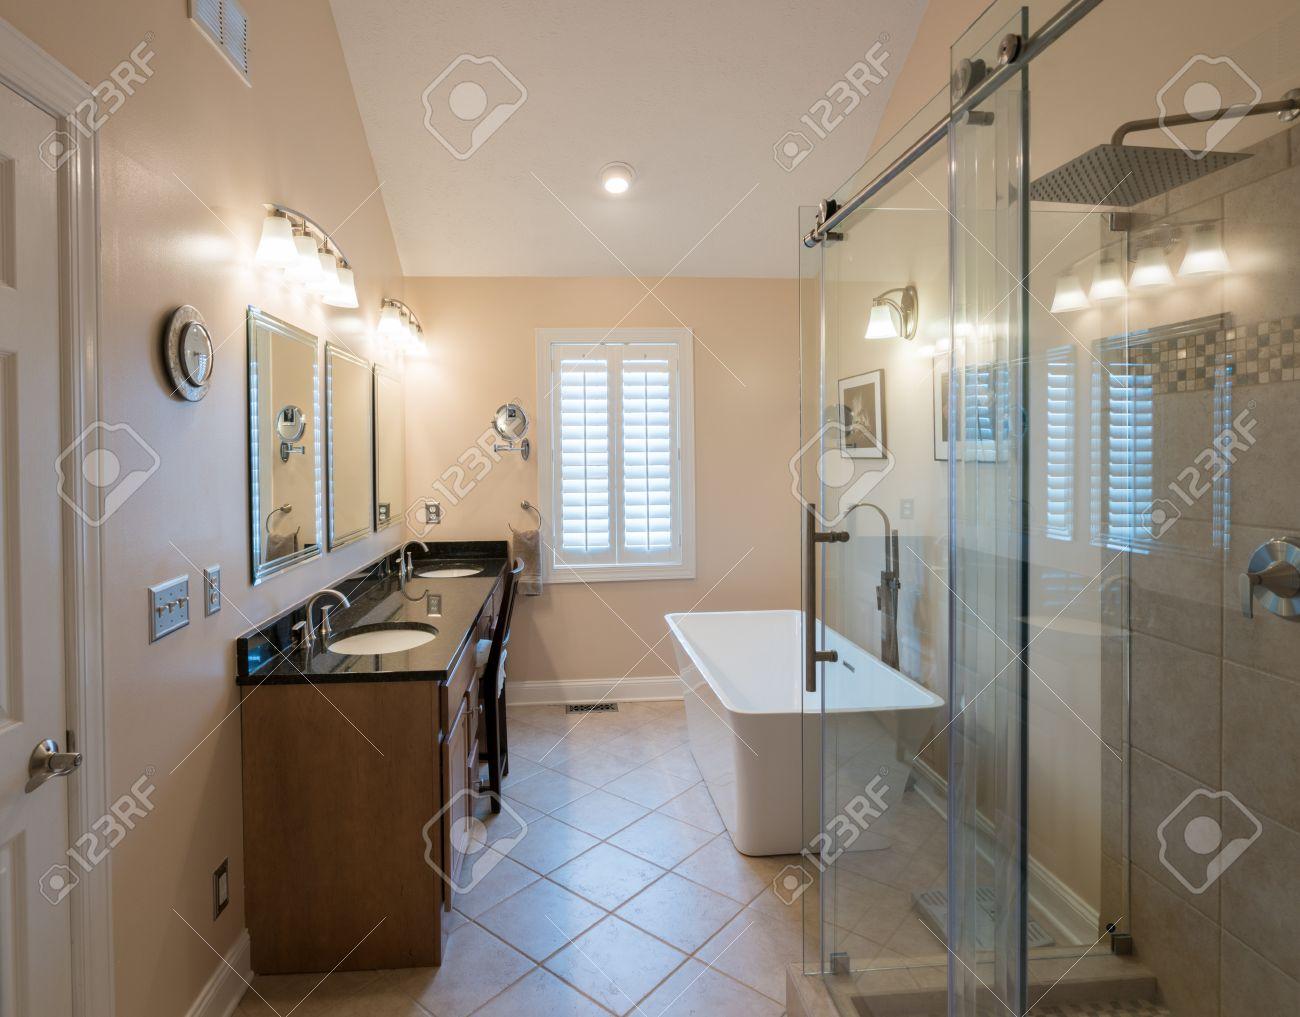 Intérieur De Salle De Bains Moderne Avec Baignoire Autonome - Salle de bain moderne avec baignoire